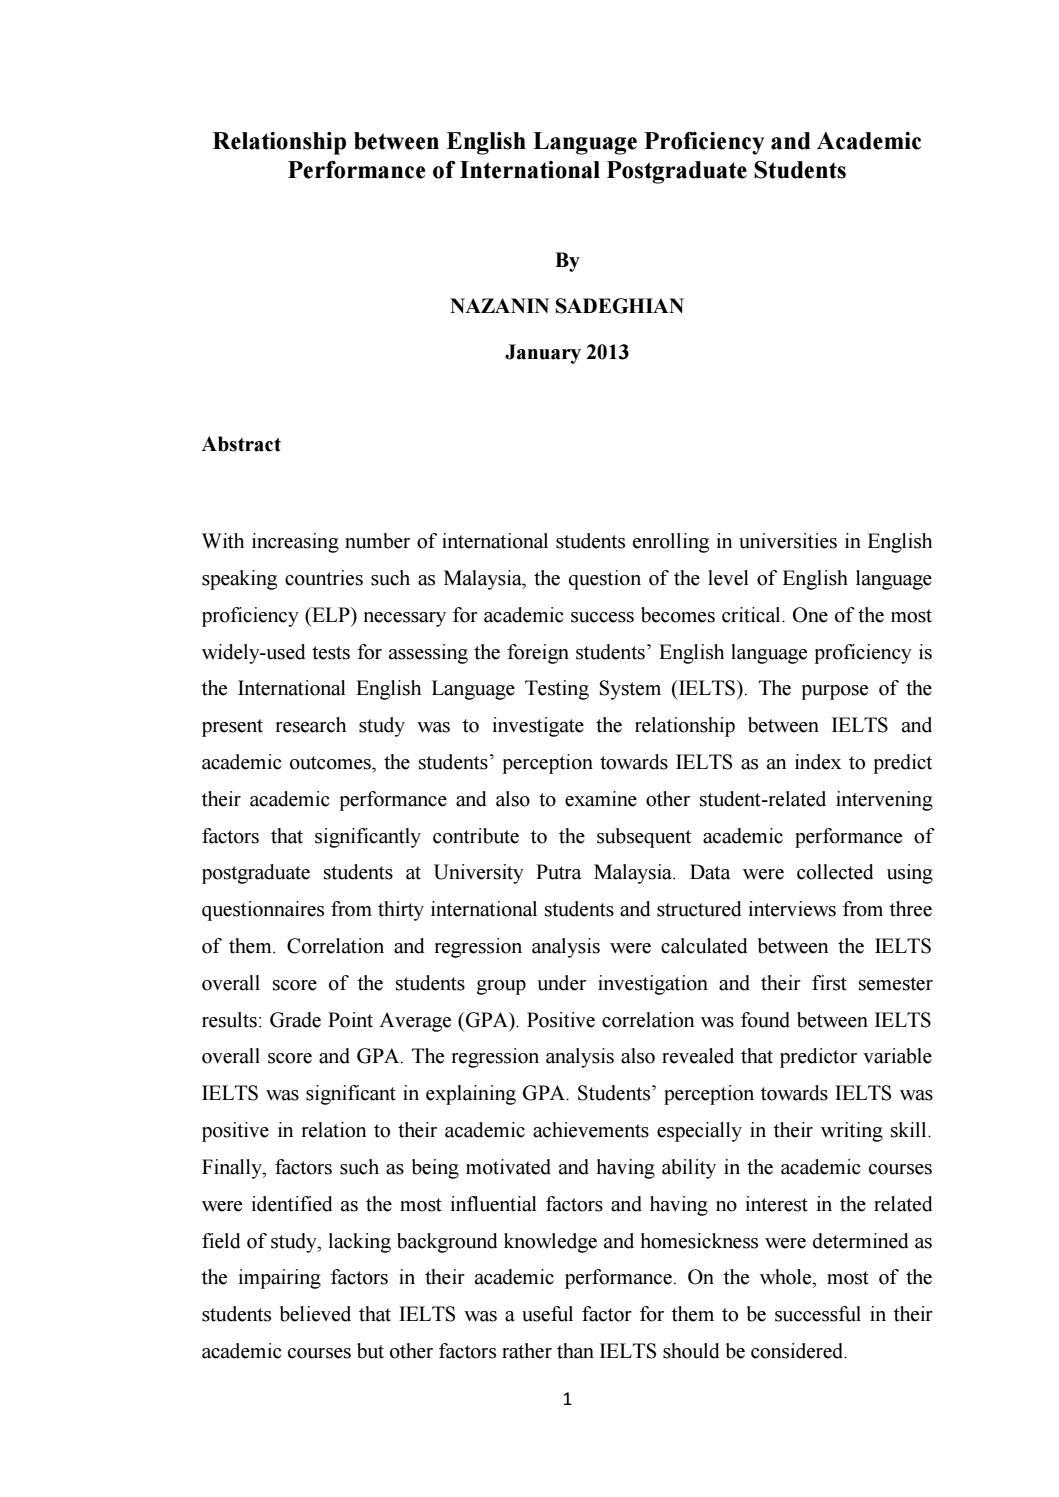 Rachel scotts essay